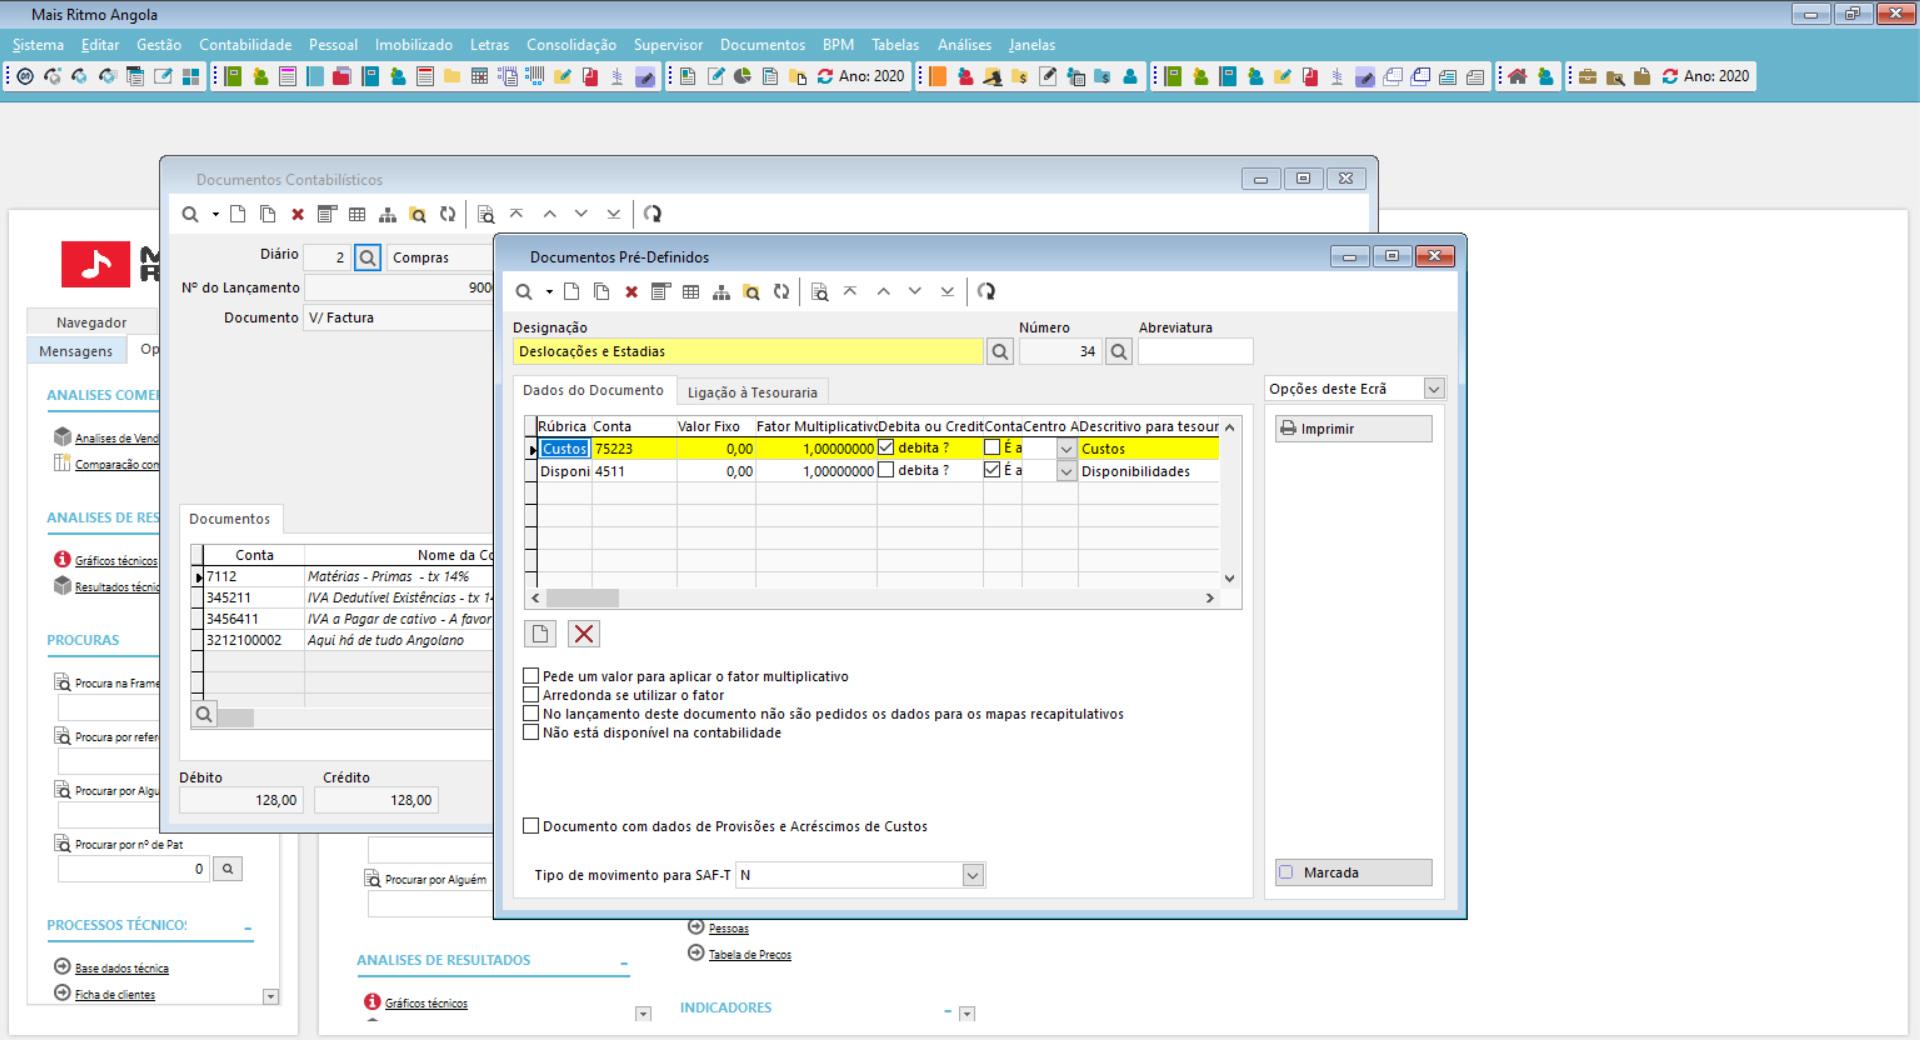 Funcionalidades operacionais de contabilidade do software de gestão financeira